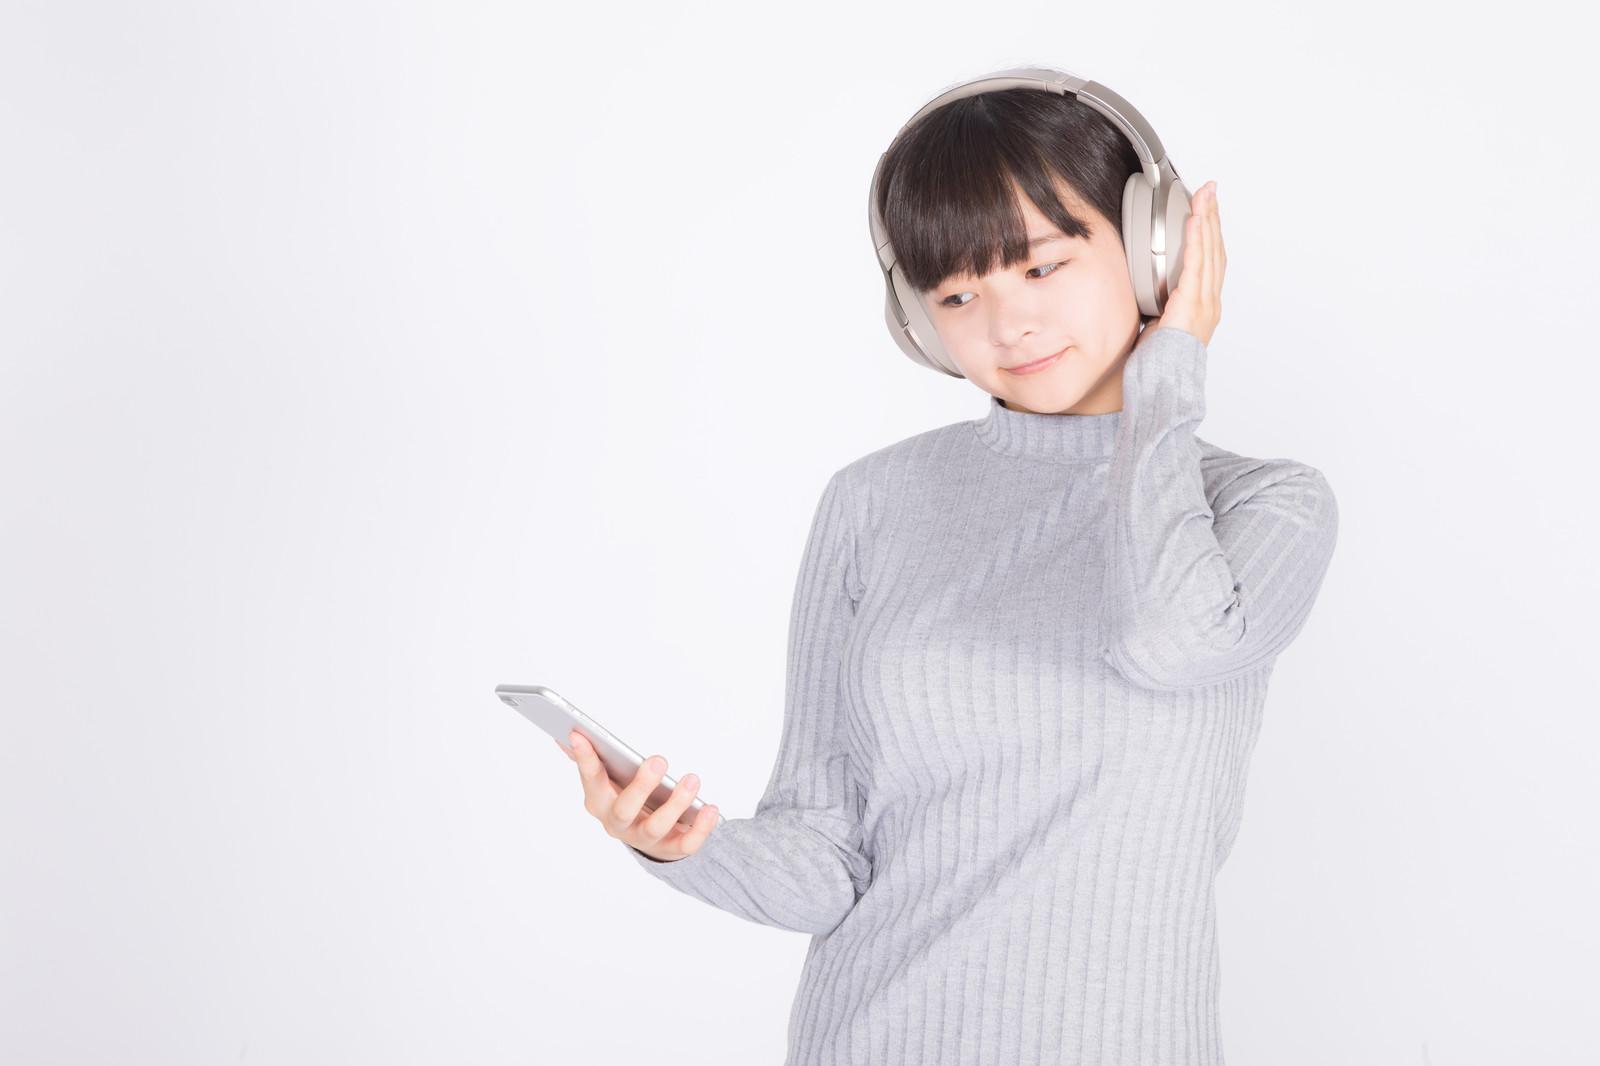 「ワイヤレスヘッドホンで音楽を楽しむ若い女性」の写真[モデル:千歳]